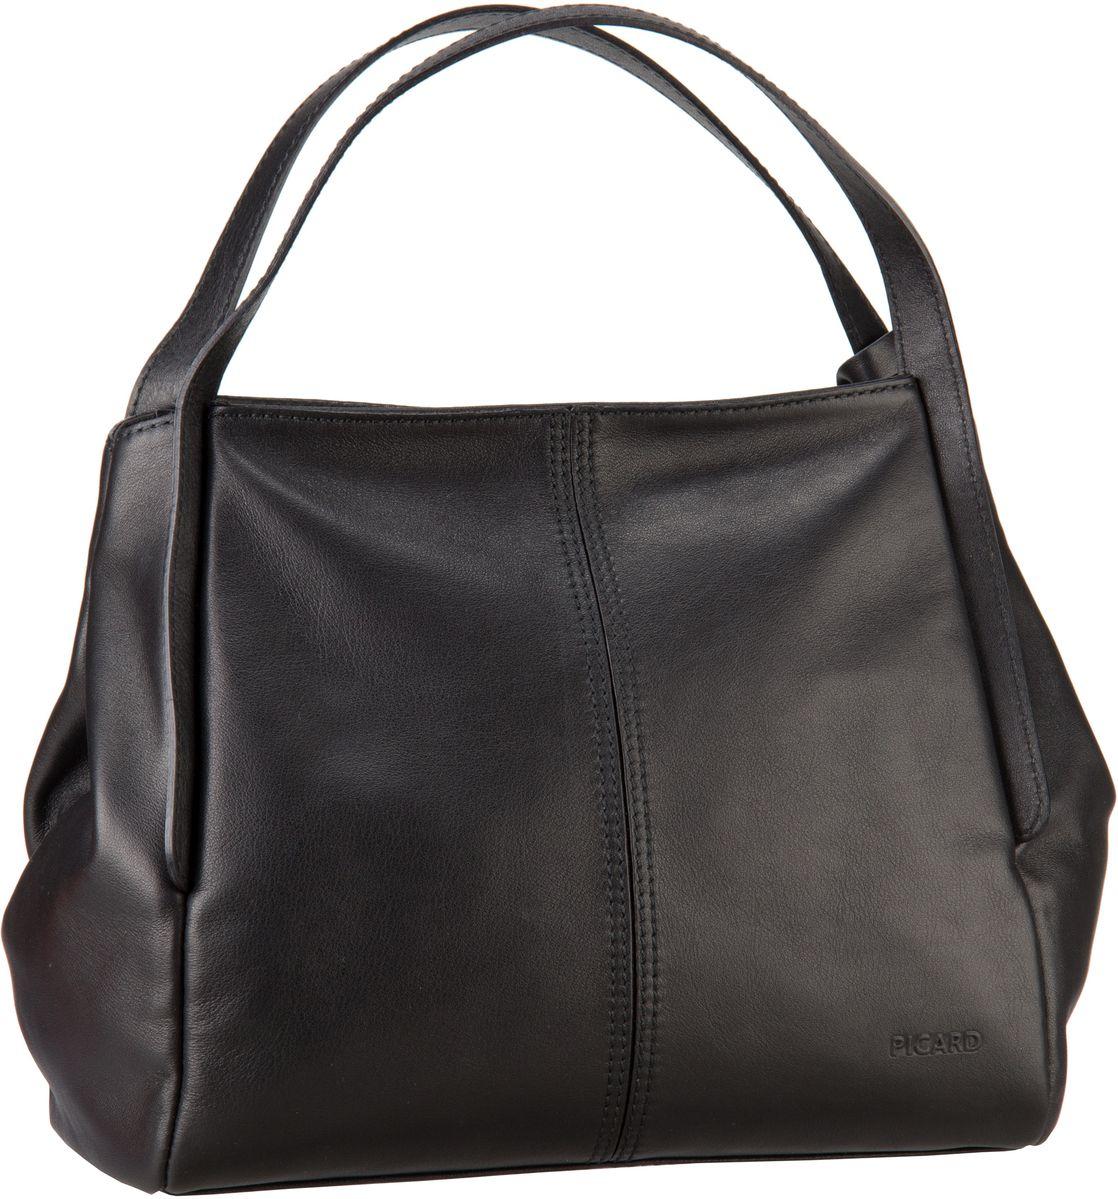 picard handtaschen online kaufen handtaschenhaus. Black Bedroom Furniture Sets. Home Design Ideas